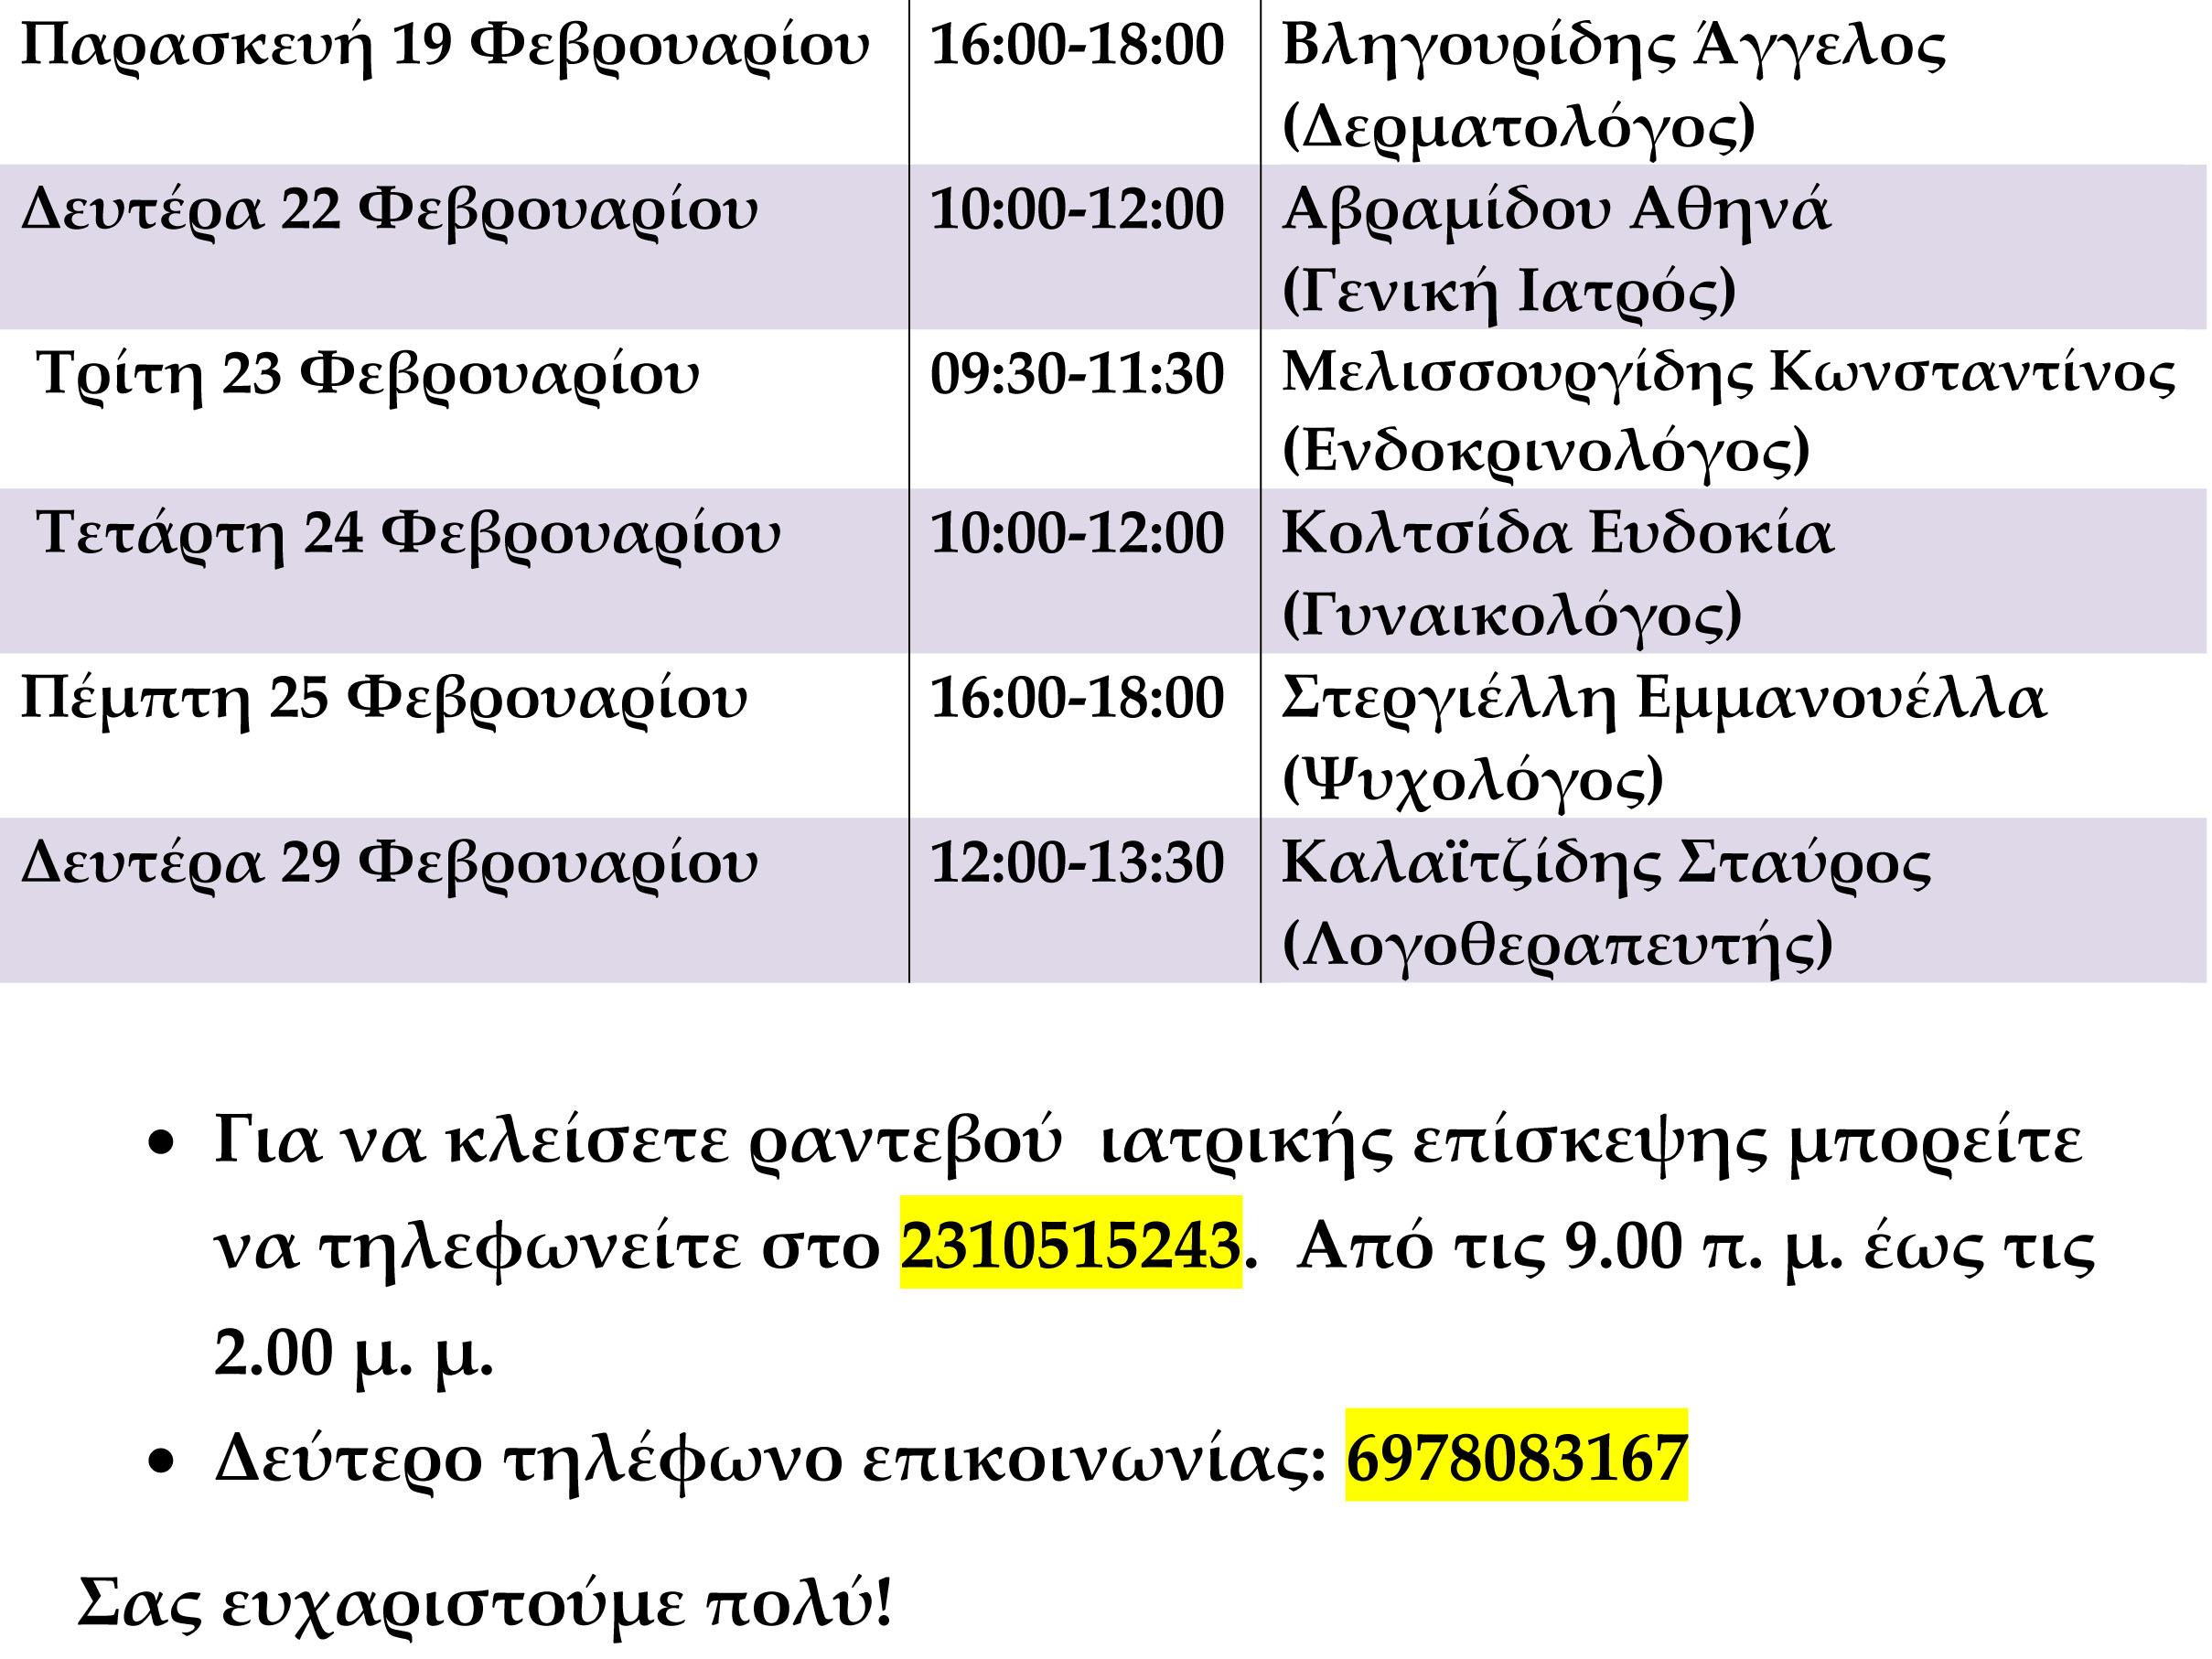 Πρόγραμμα Φεβρουαρίου 2016-2